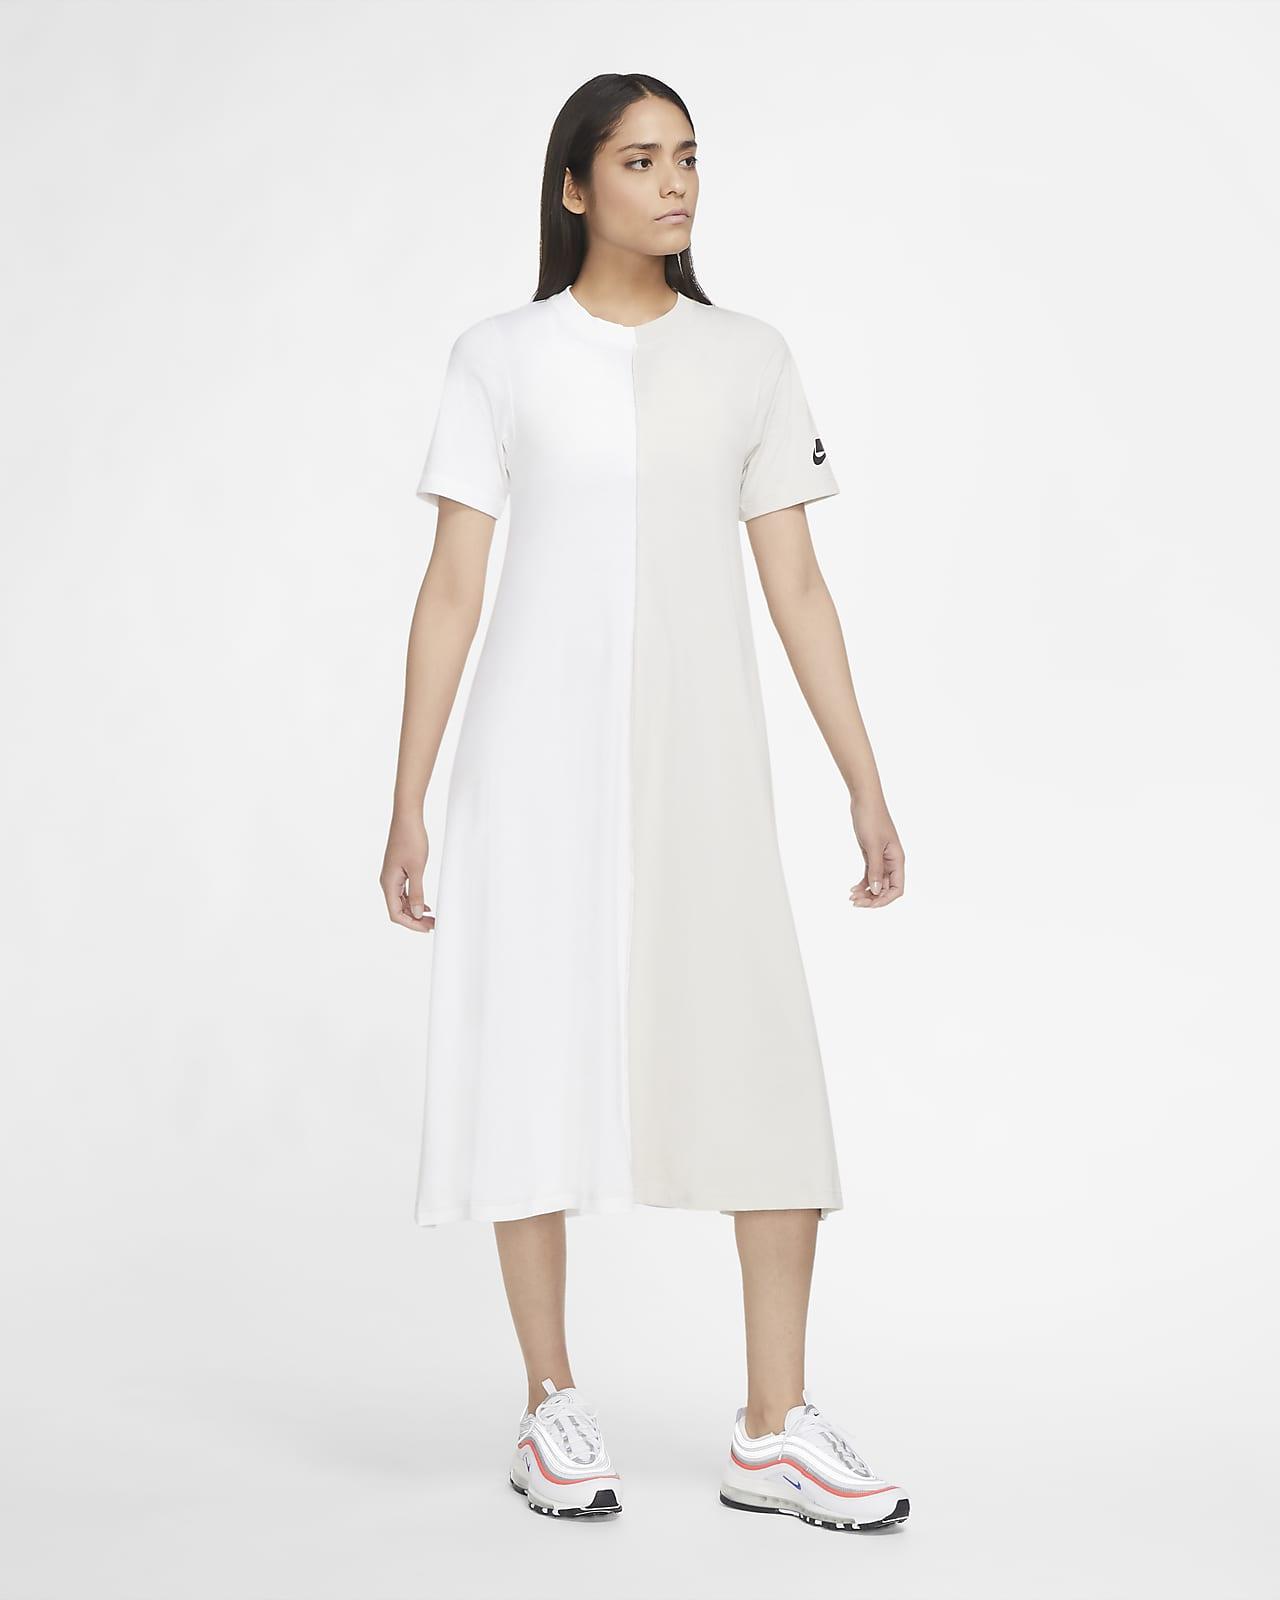 ナイキ スポーツウェア NSW ウィメンズ ショートスリーブ ドレス